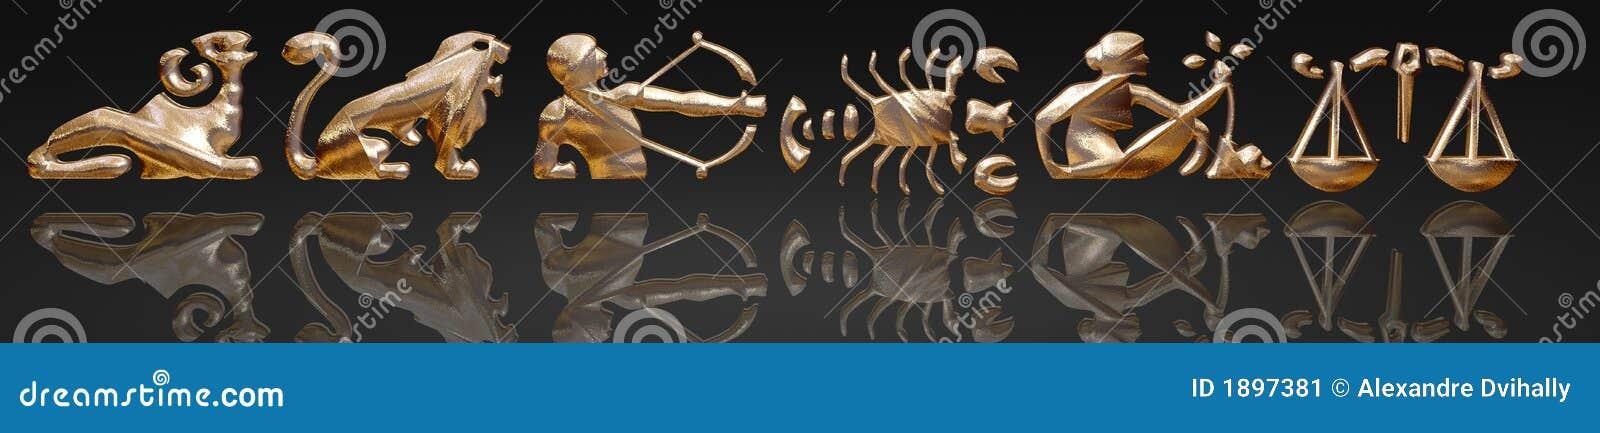 Horóscopo - zodiaco - metal del oro